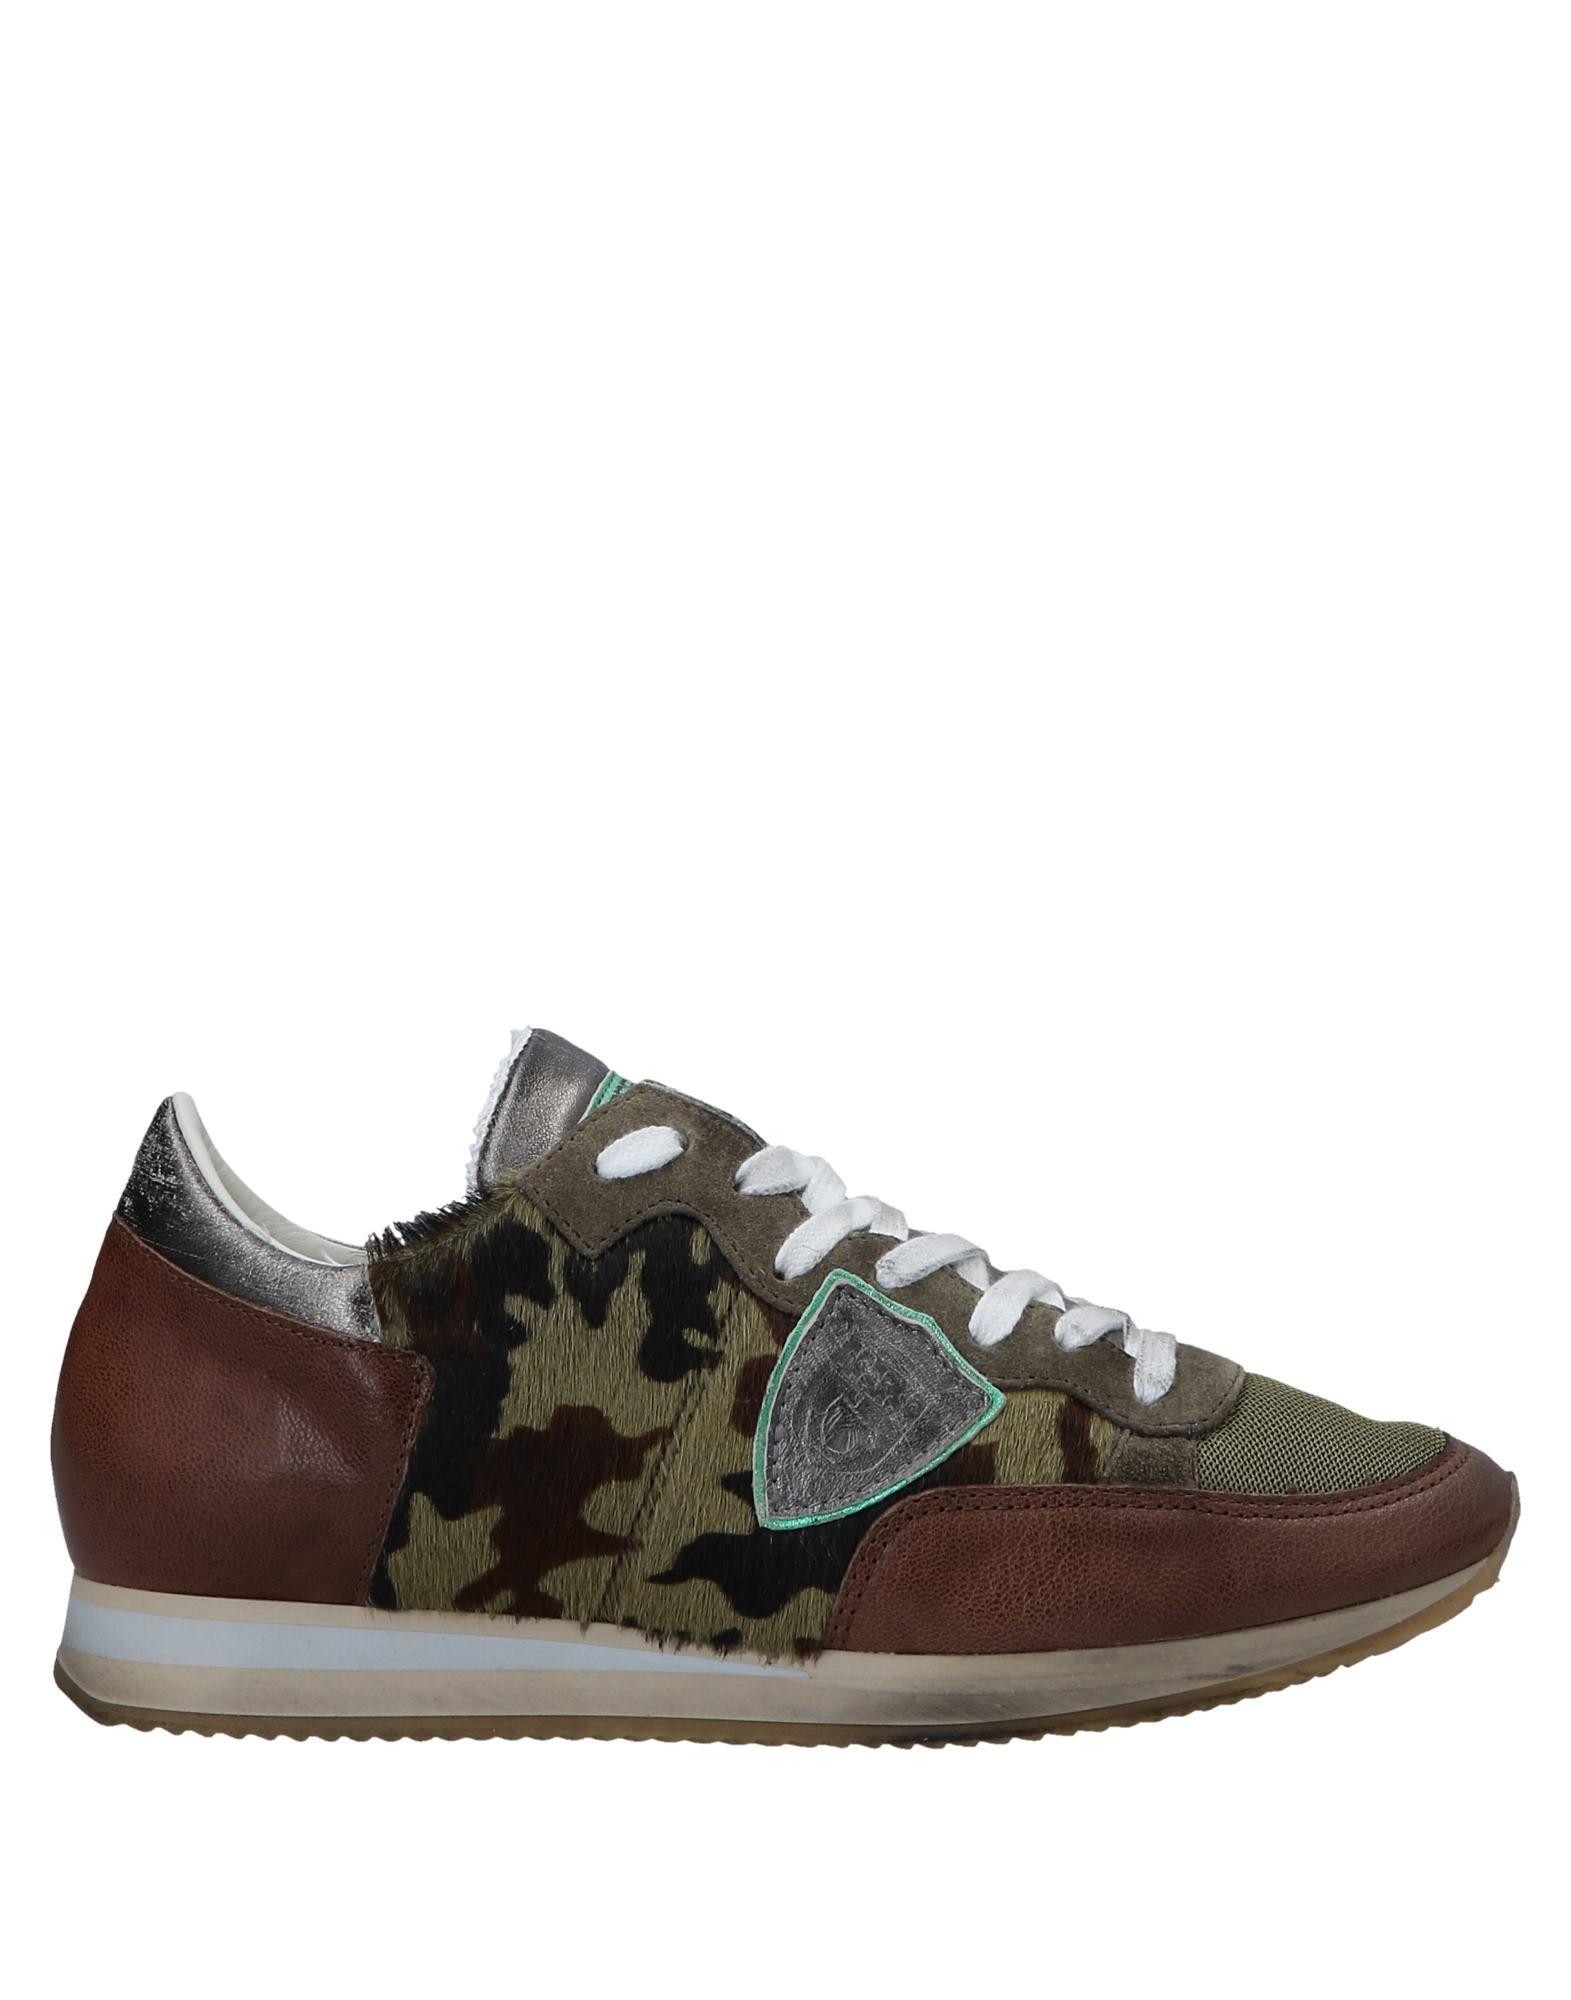 Zapatos de mujer baratos zapatos de mujer Philippe Zapatillas Philippe mujer Model Mujer - Zapatillas Philippe Model  Verde militar 7336a2